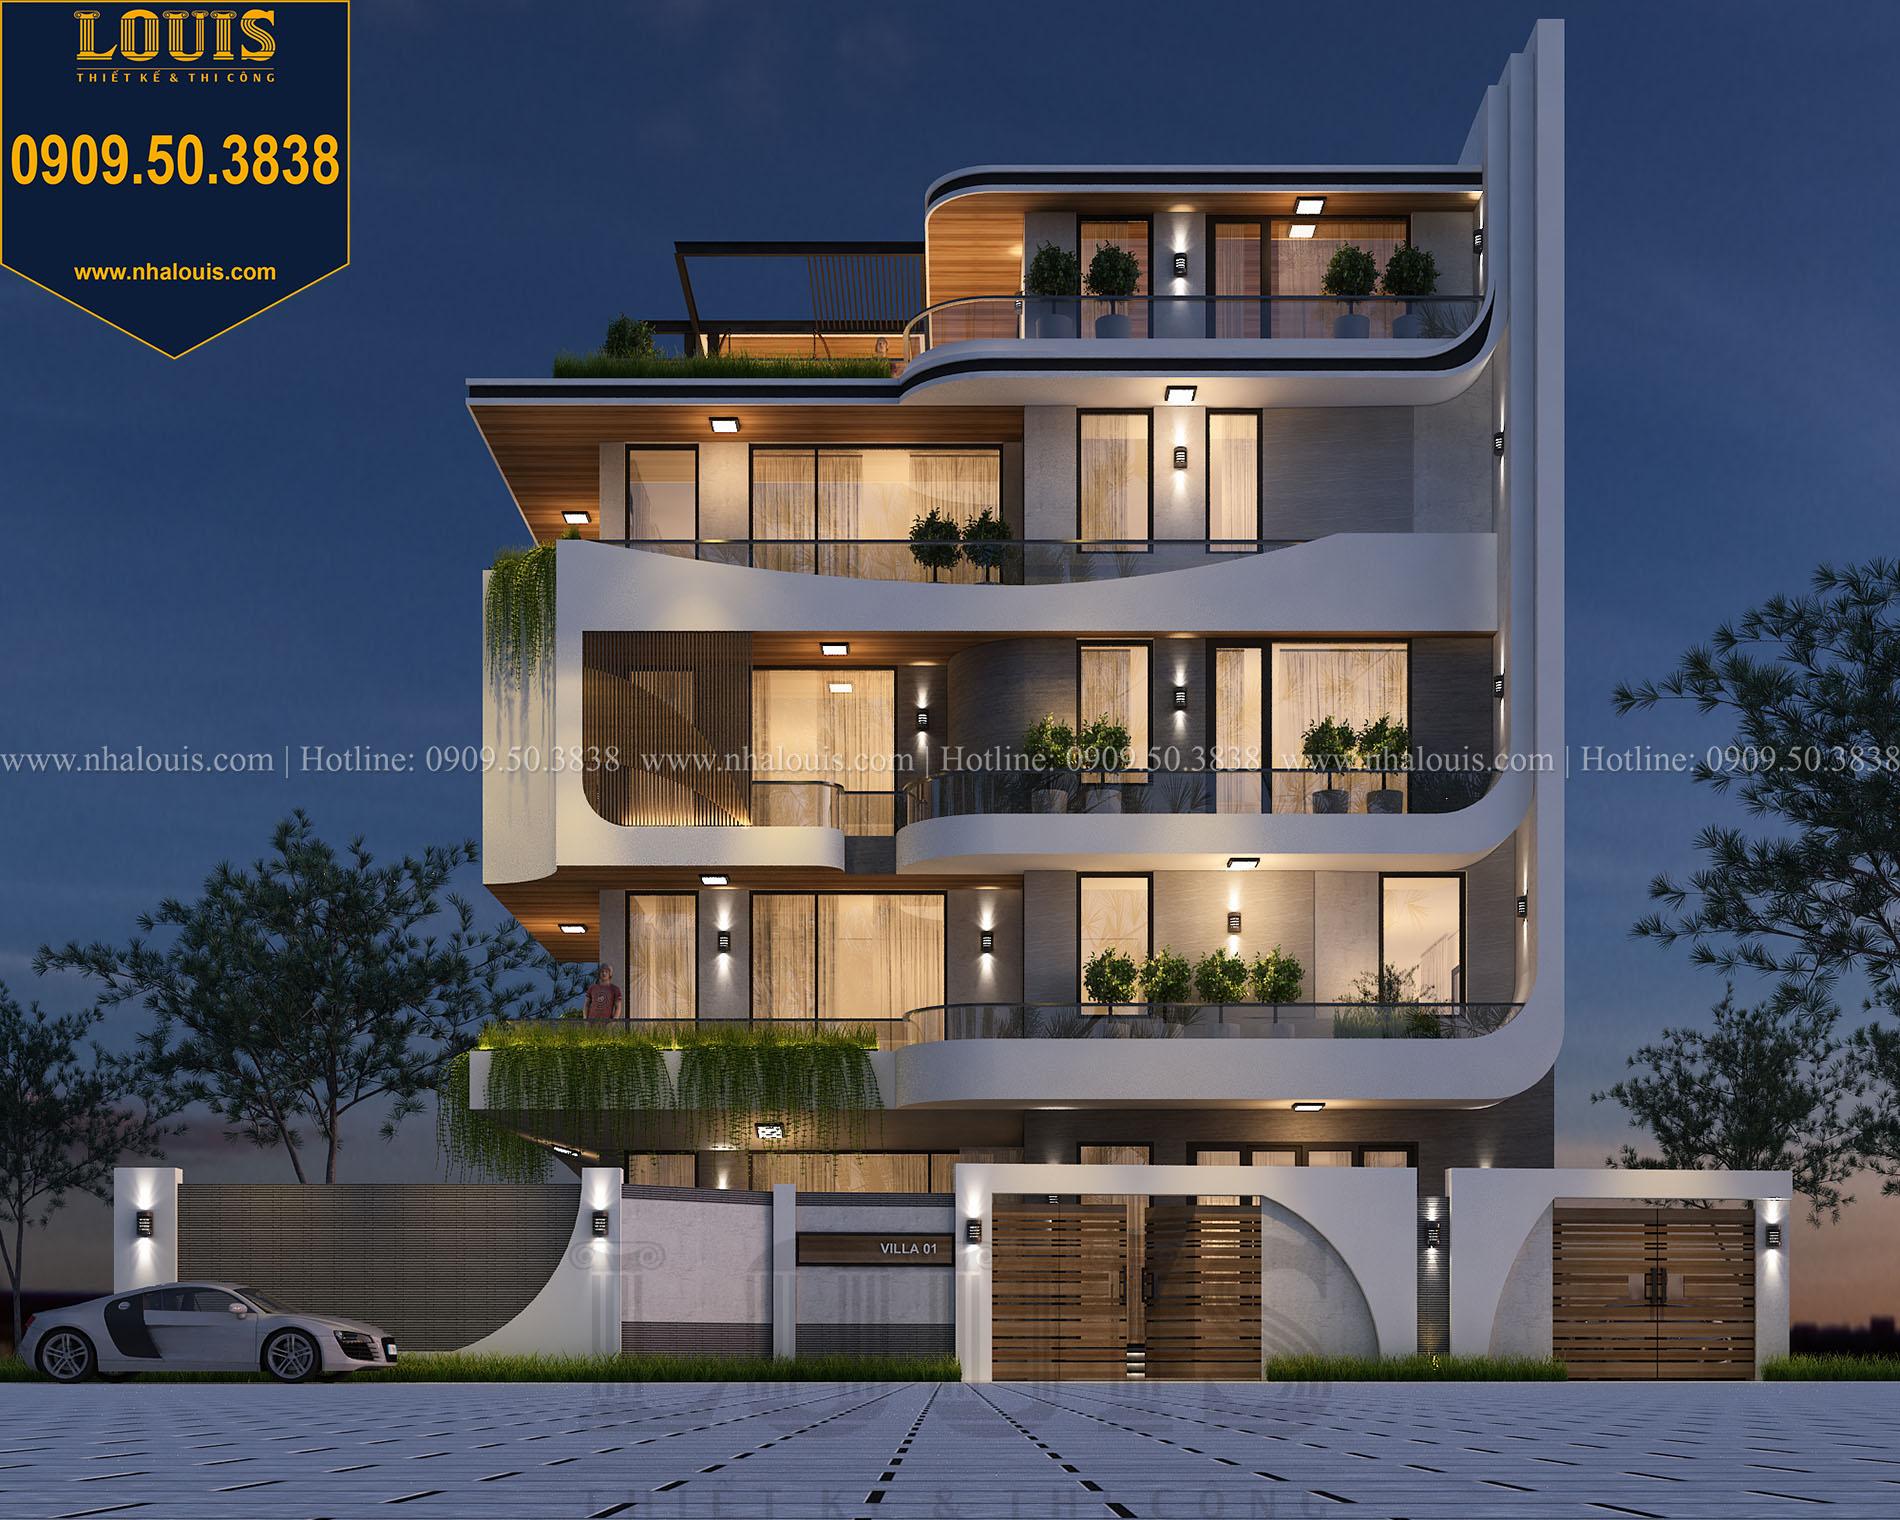 Chiêm ngưỡng ngôi biệt thự 5 tầng hiện đại đẹp như mơ tại Nha Trang